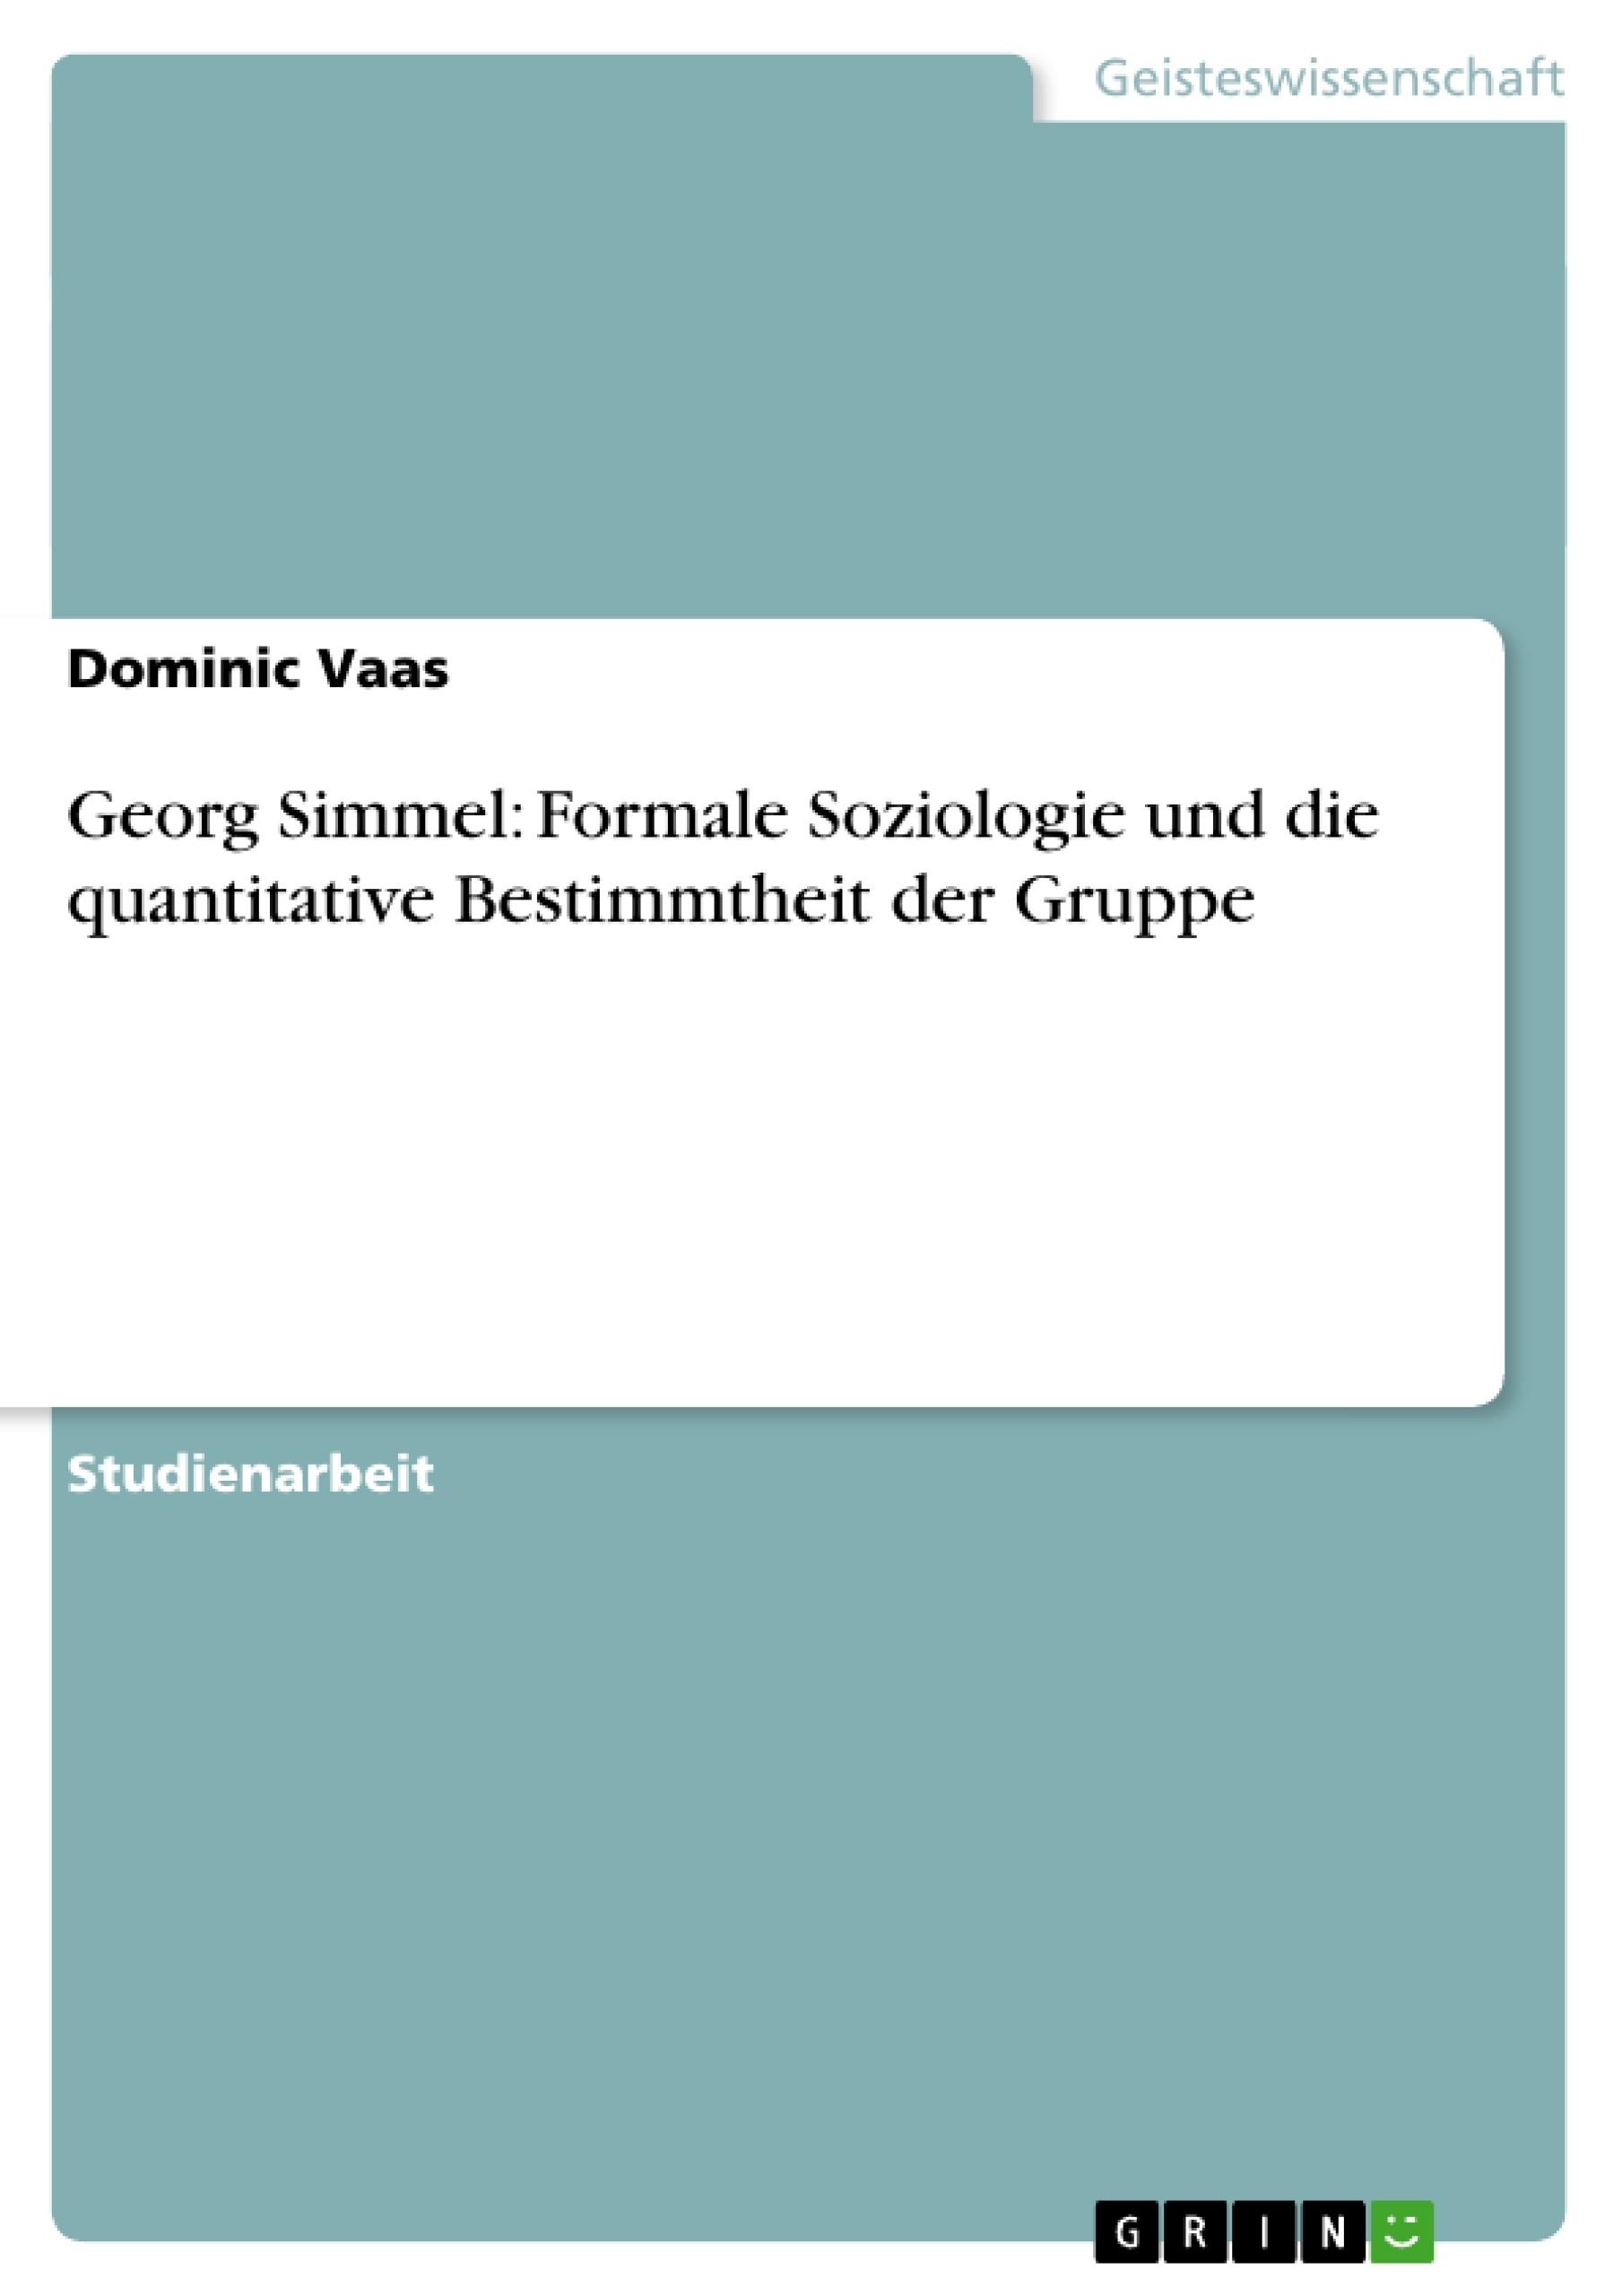 Titel: Georg Simmel: Formale Soziologie und die quantitative Bestimmtheit der Gruppe